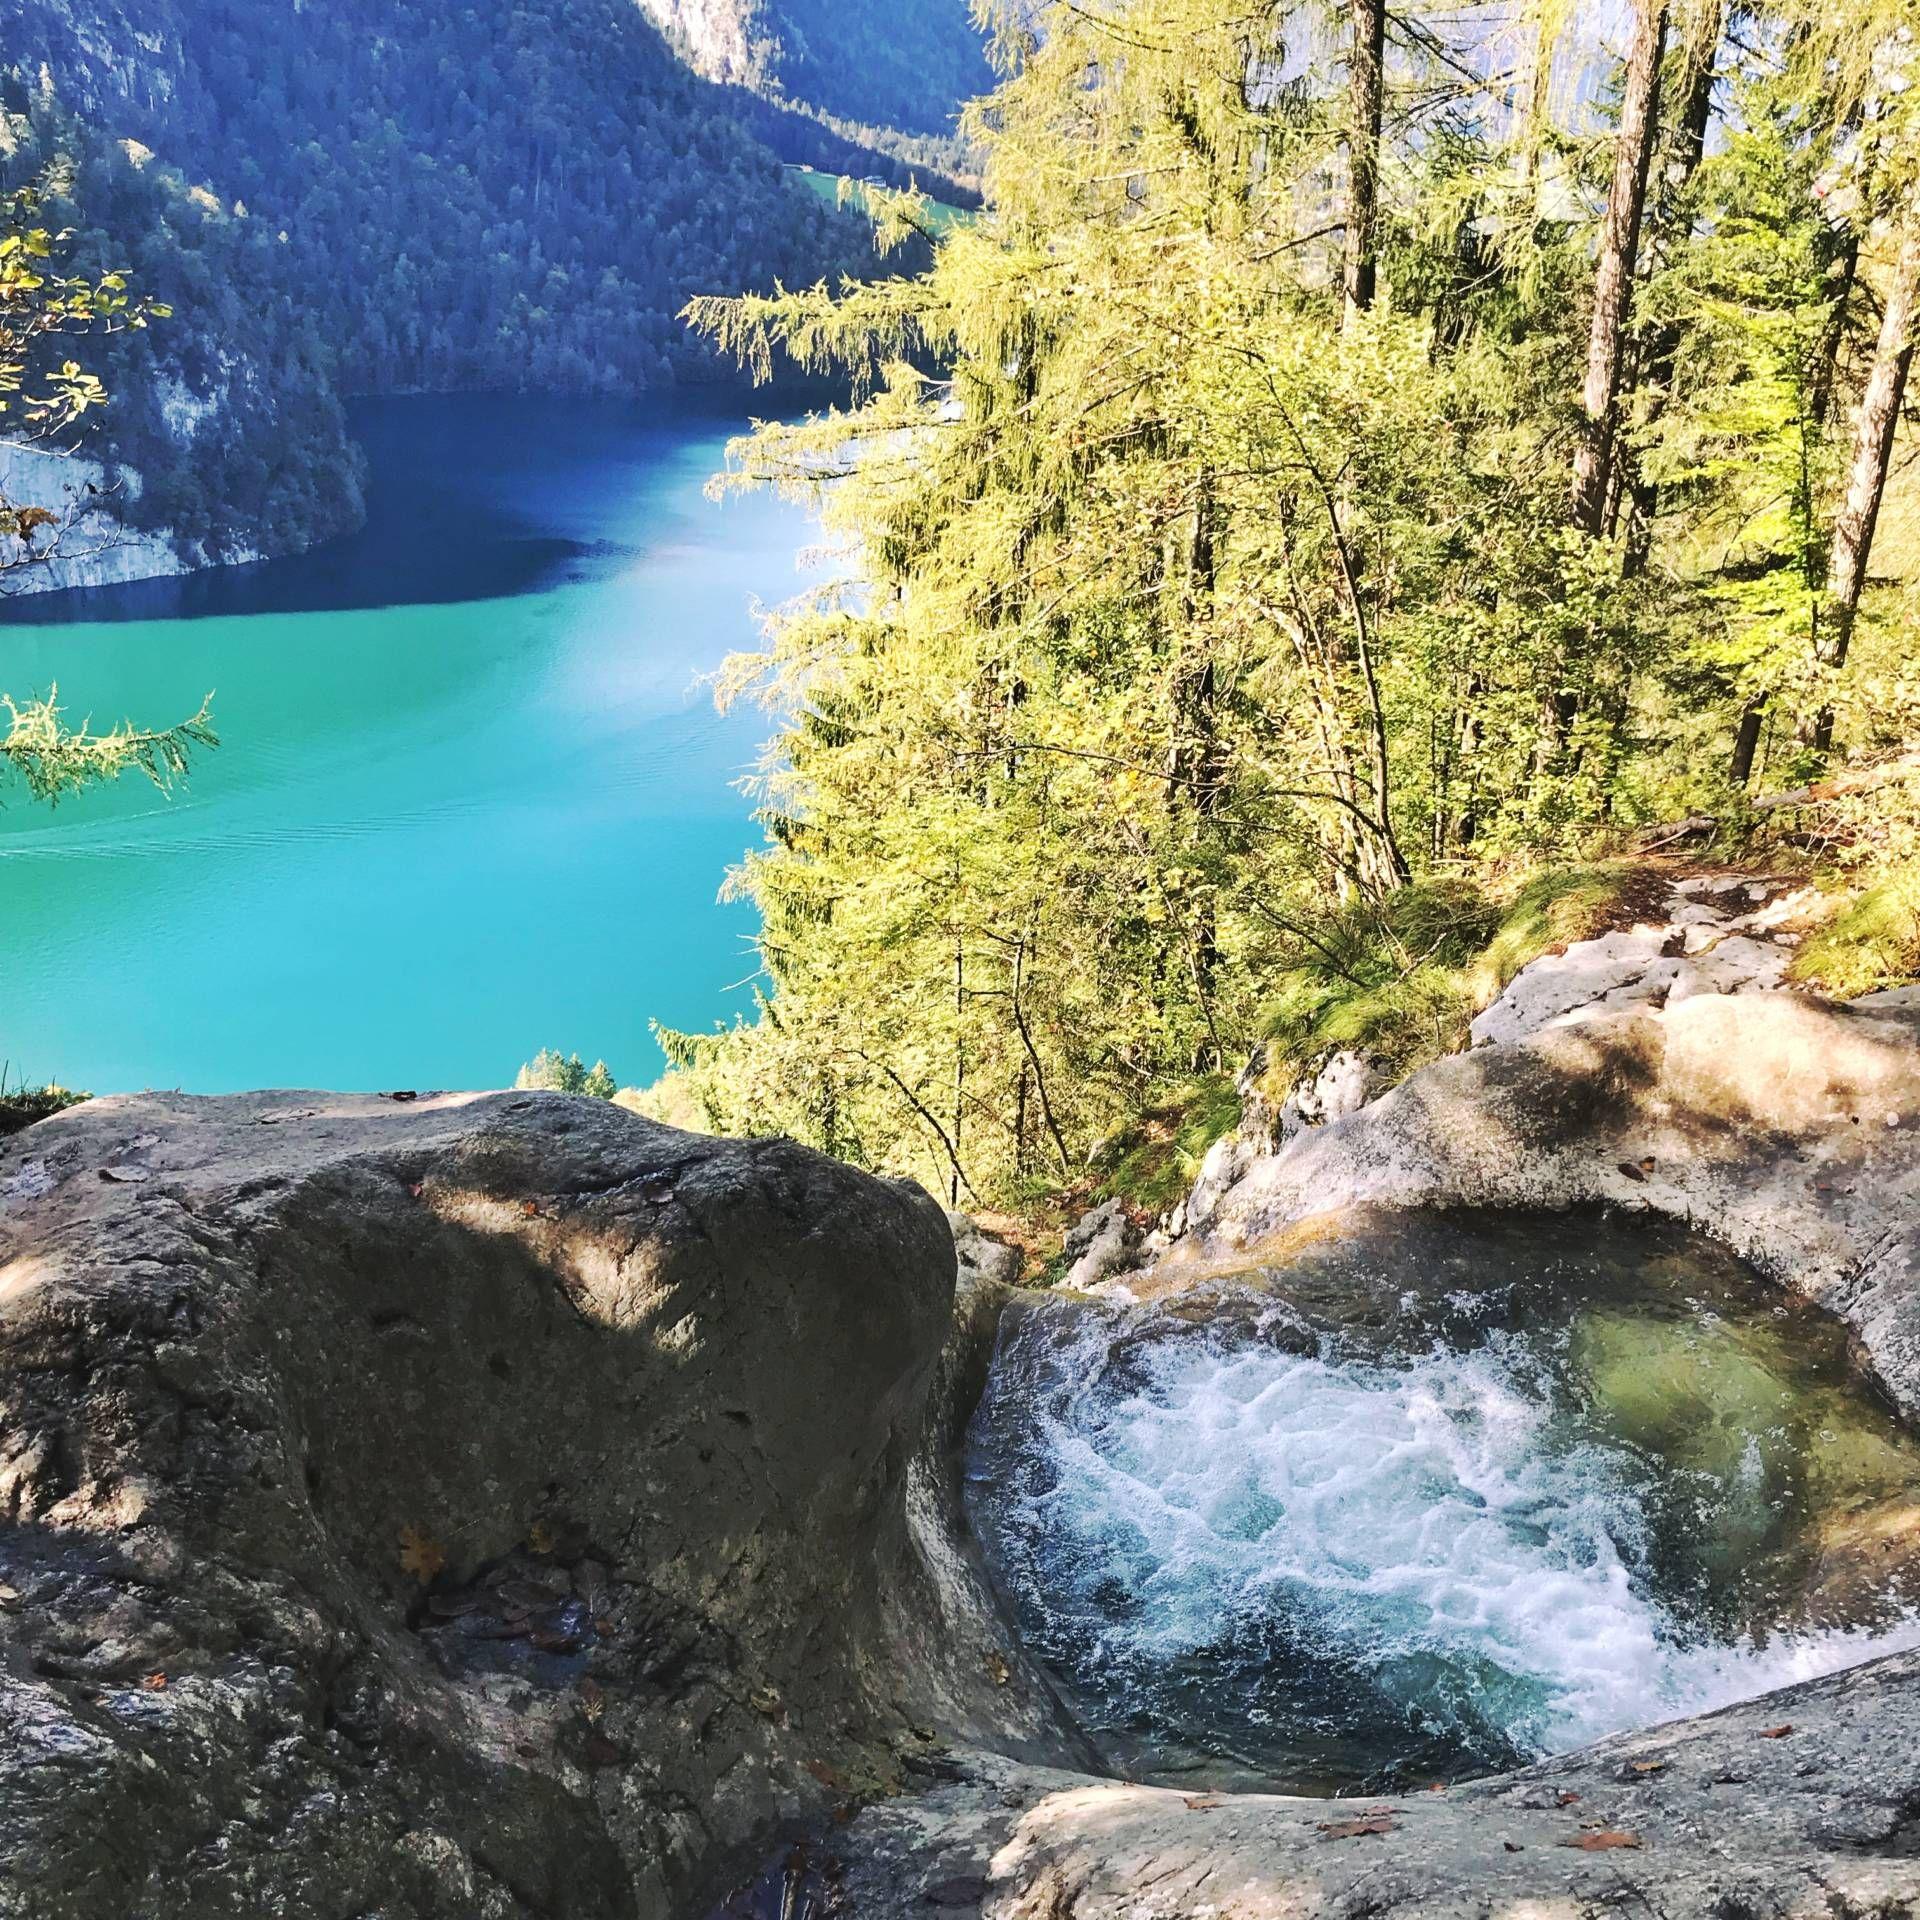 Geheimer Naturlicher Pool Am Wasserfall Am Konigssee Travel Viktoriawithk Food Reiseblog Zwischen Koblenz Und Koln Naturlicher Pool Wasserfall Urlaub Reisen